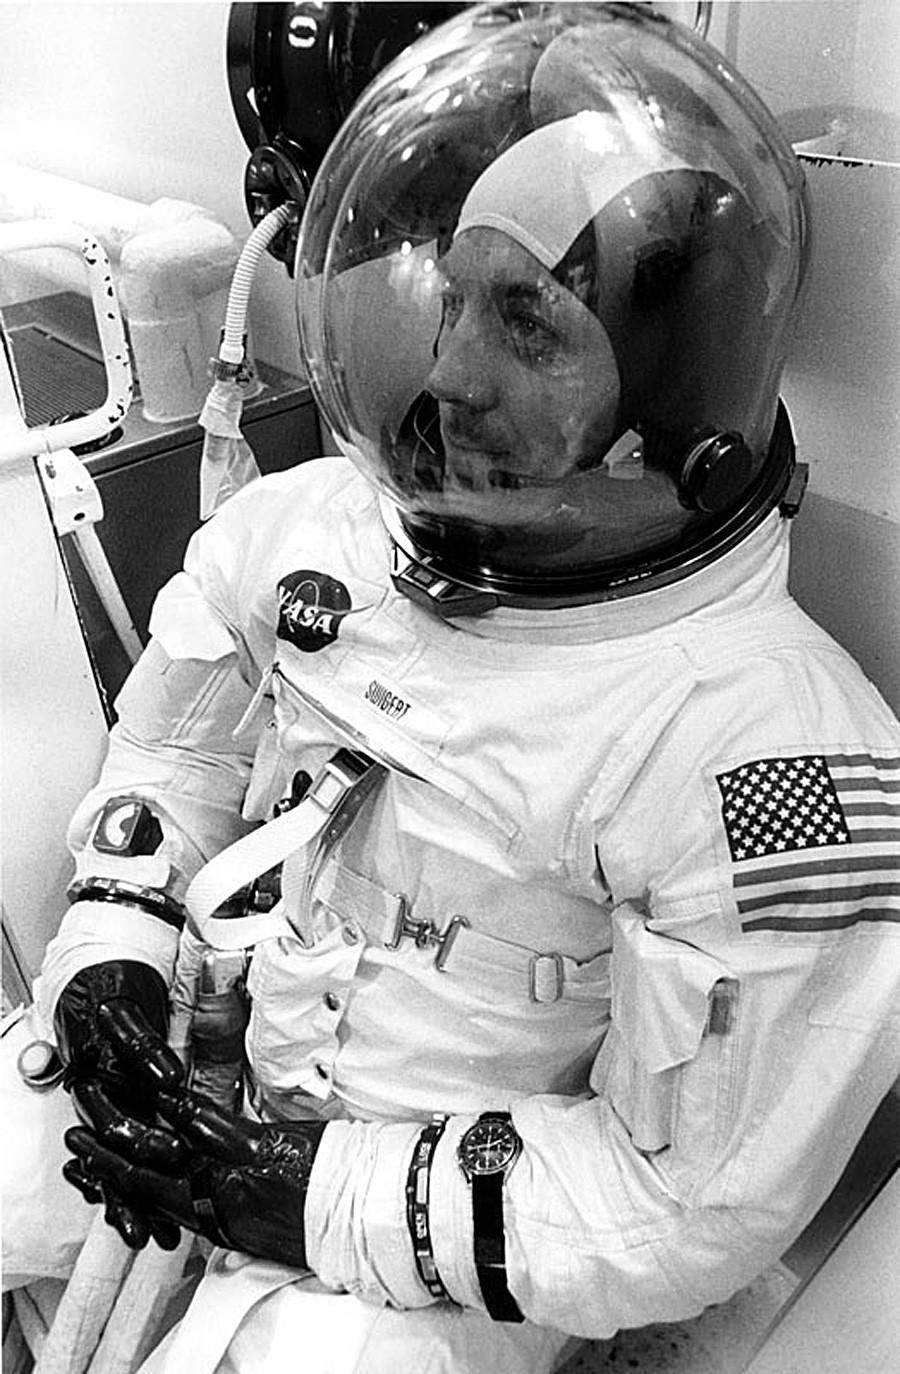 Ameriški astronavt Jack Swigert med odštevanjem pred vzletom Apolla 13 z uro Omega, 11. 4. 1970